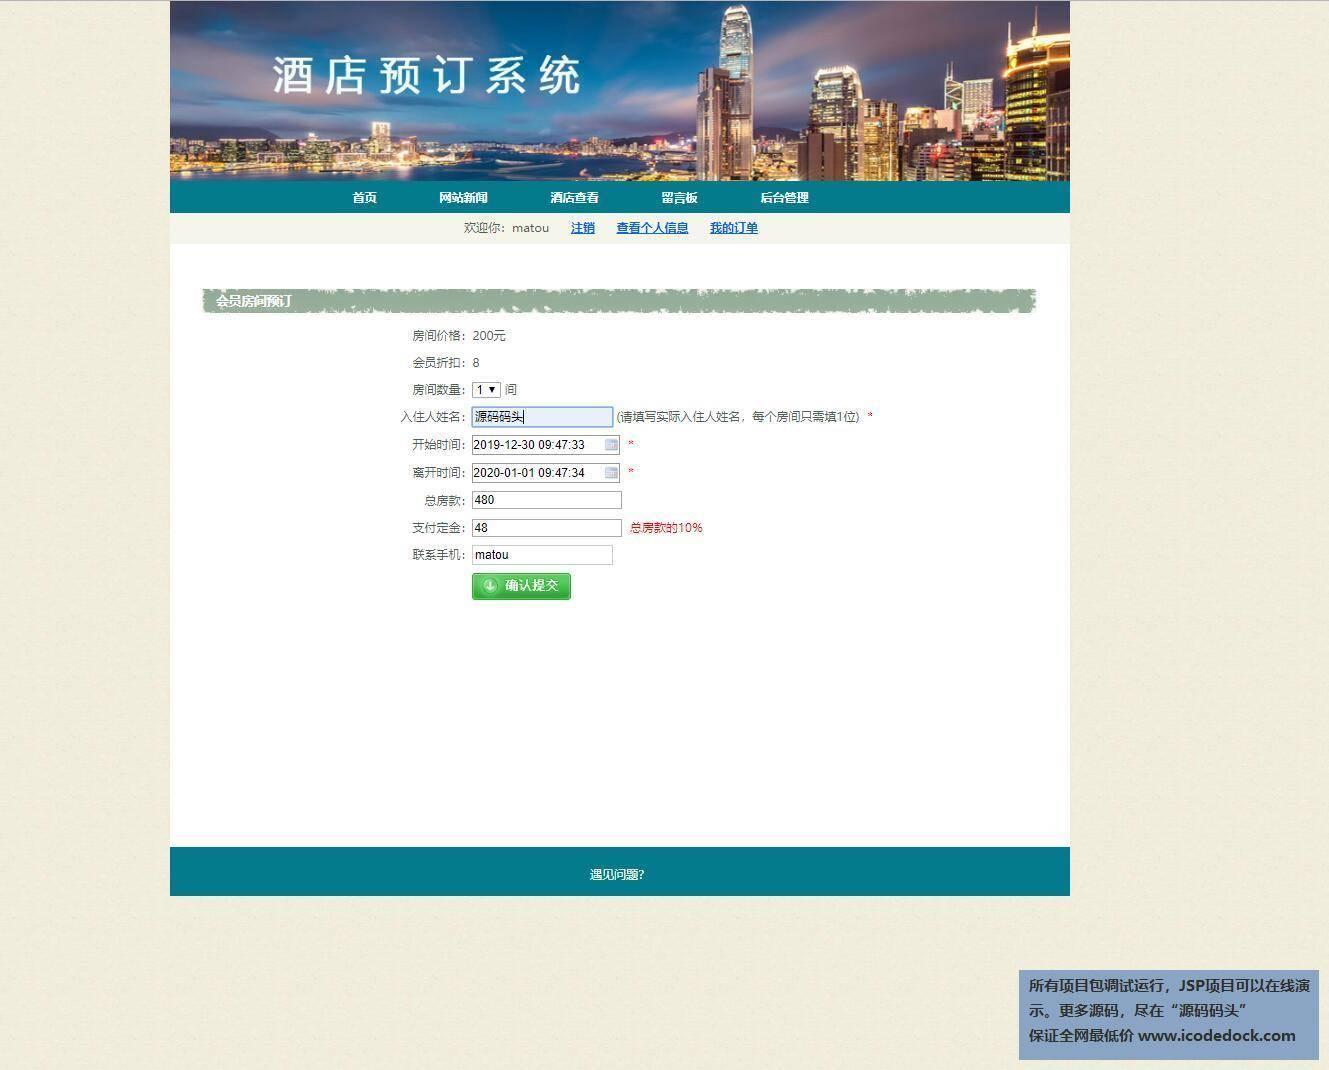 源码码头-JSP酒店预定管理系统-用户角色-预定房间